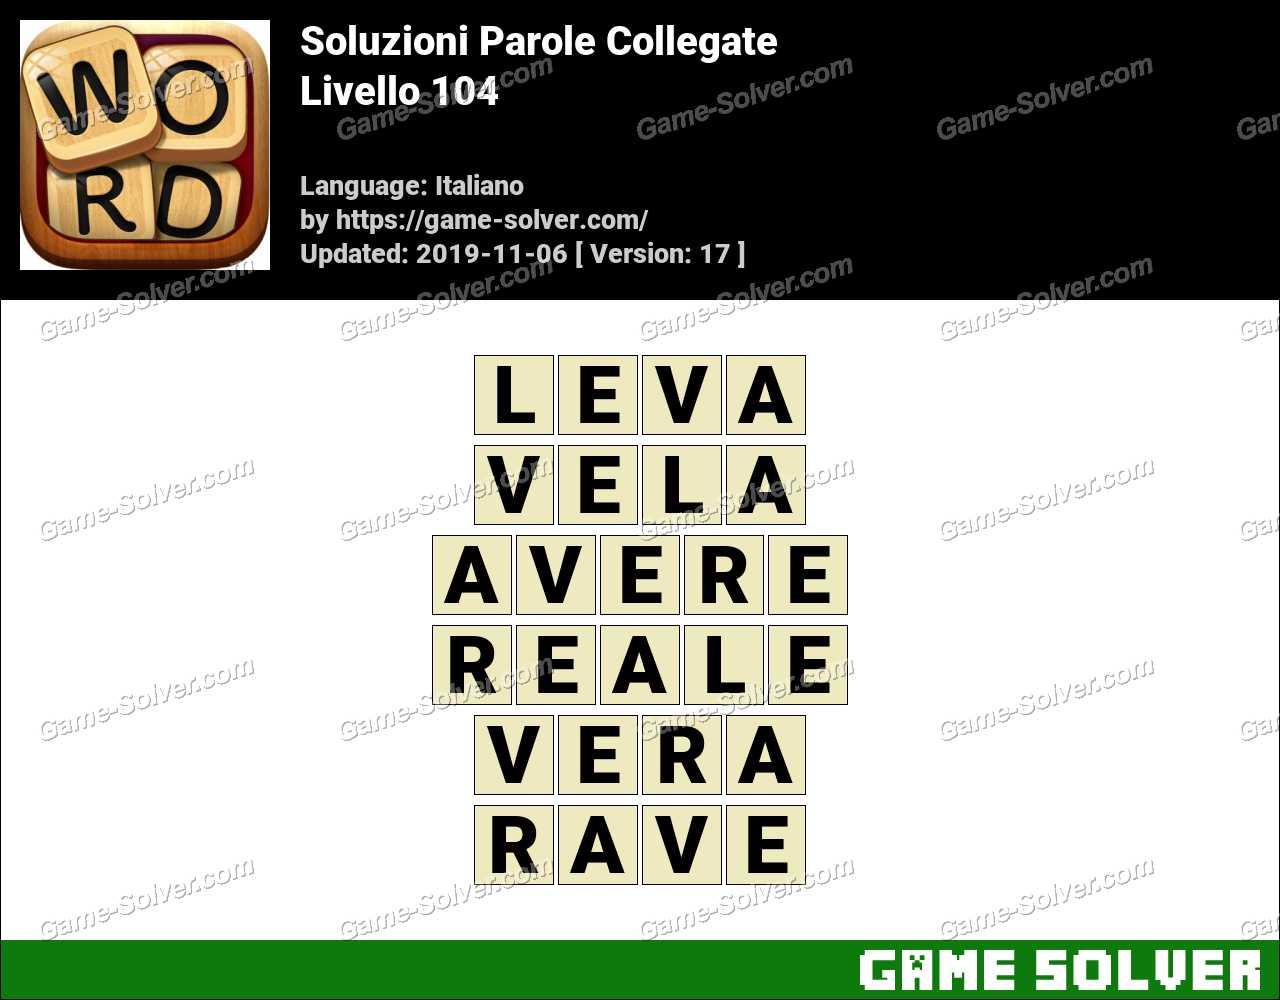 Soluzioni Parole Collegate Livello 104